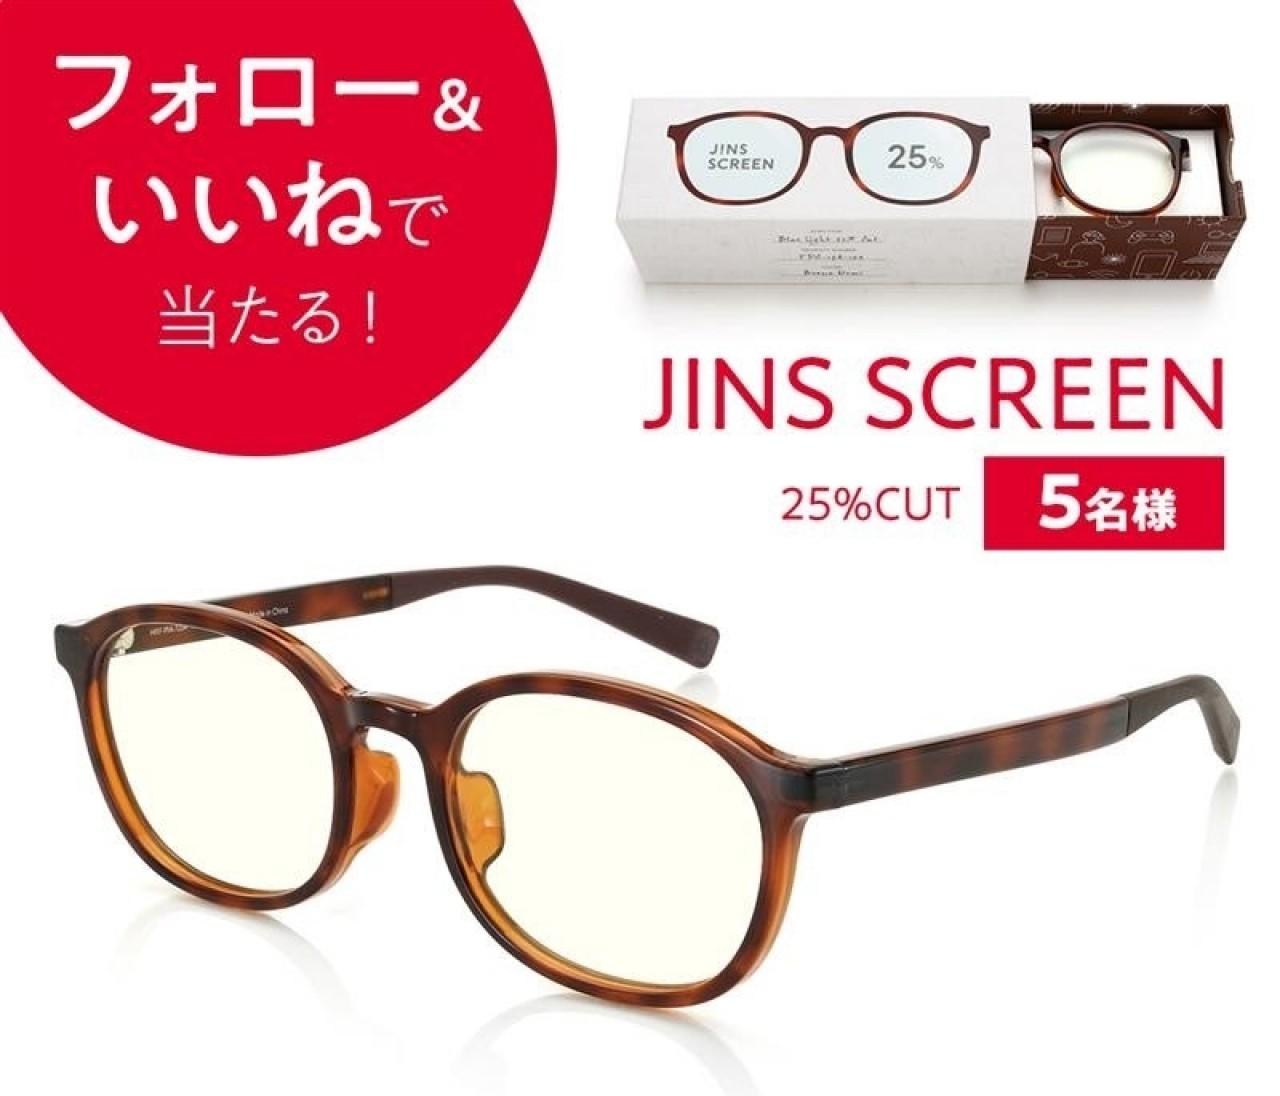 【BAILA公式Instagramフォロー&いいねキャンペーン】ジンズのブルーライトカットメガネをプレゼント!